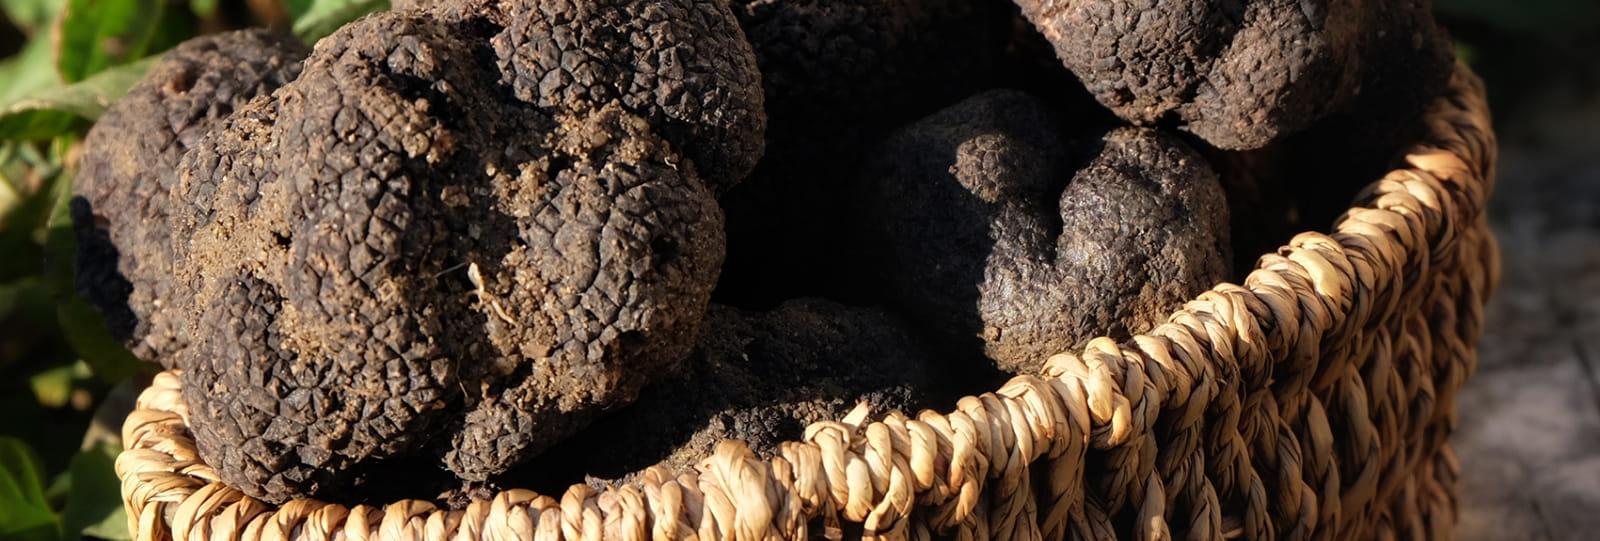 Découverte de la truffe à Grignan